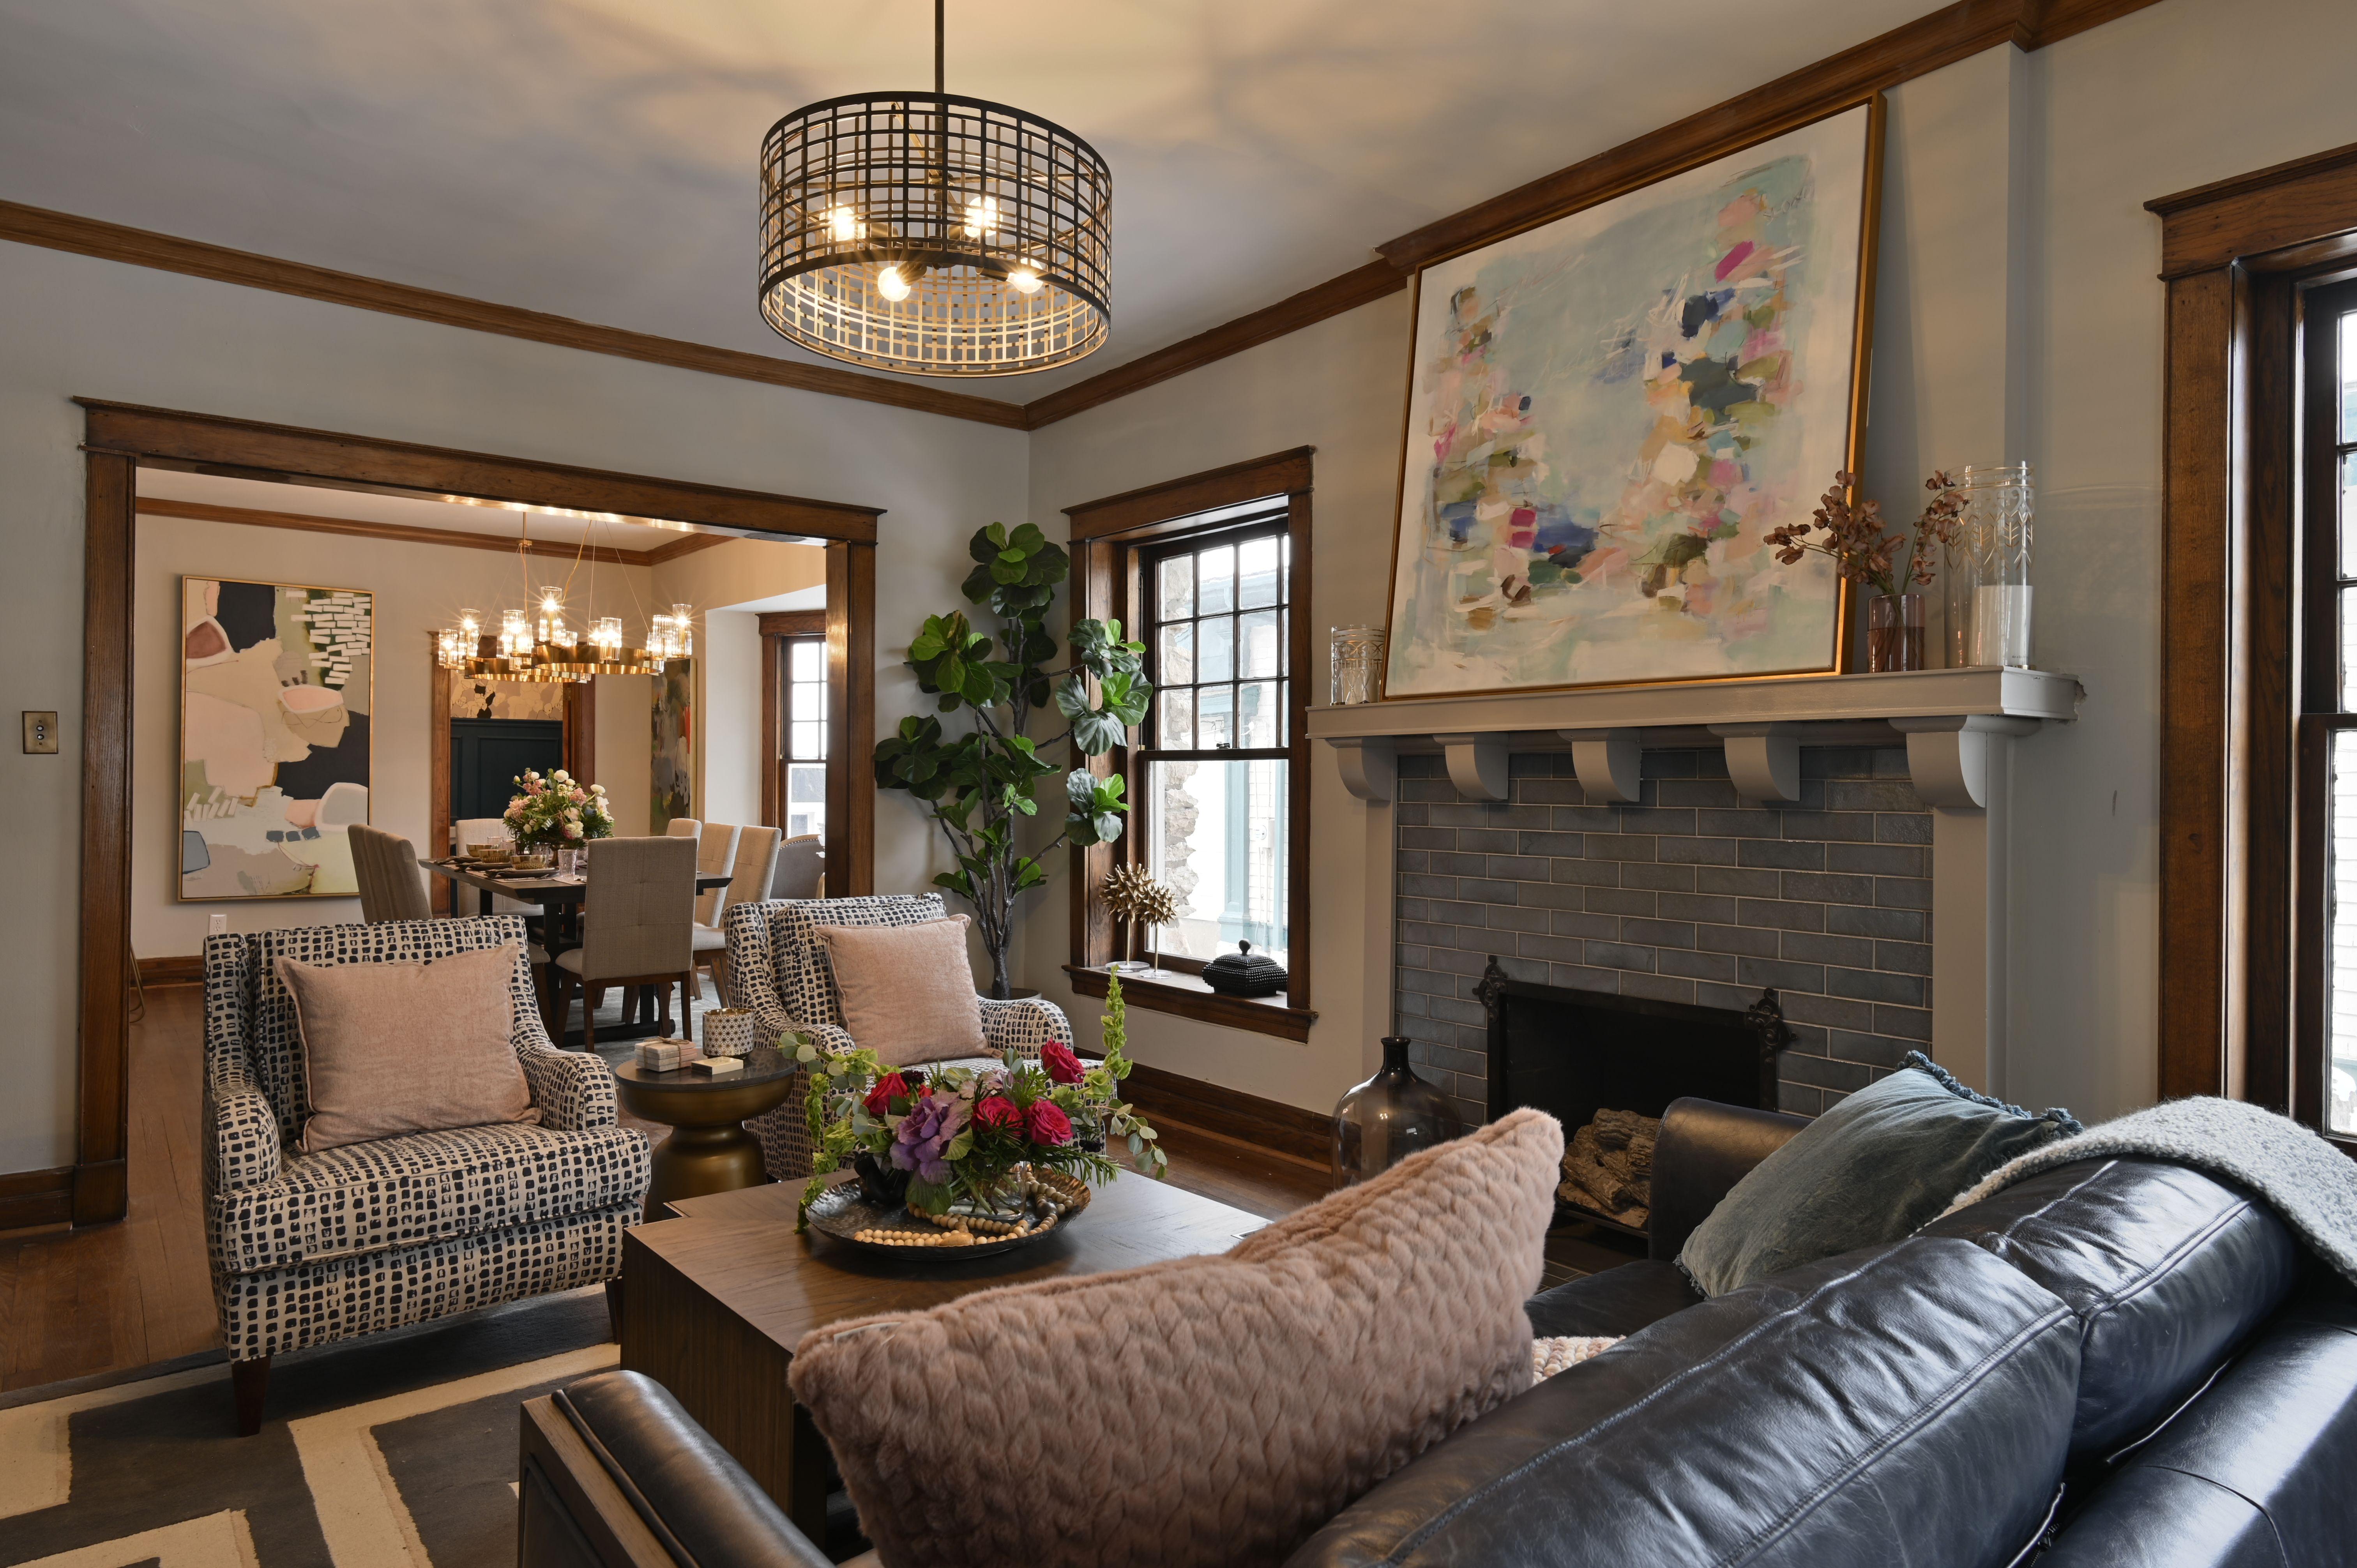 Bargain Mansion In 2020 Home Remodeling Nebraska Furniture Mart Vintage Interiors